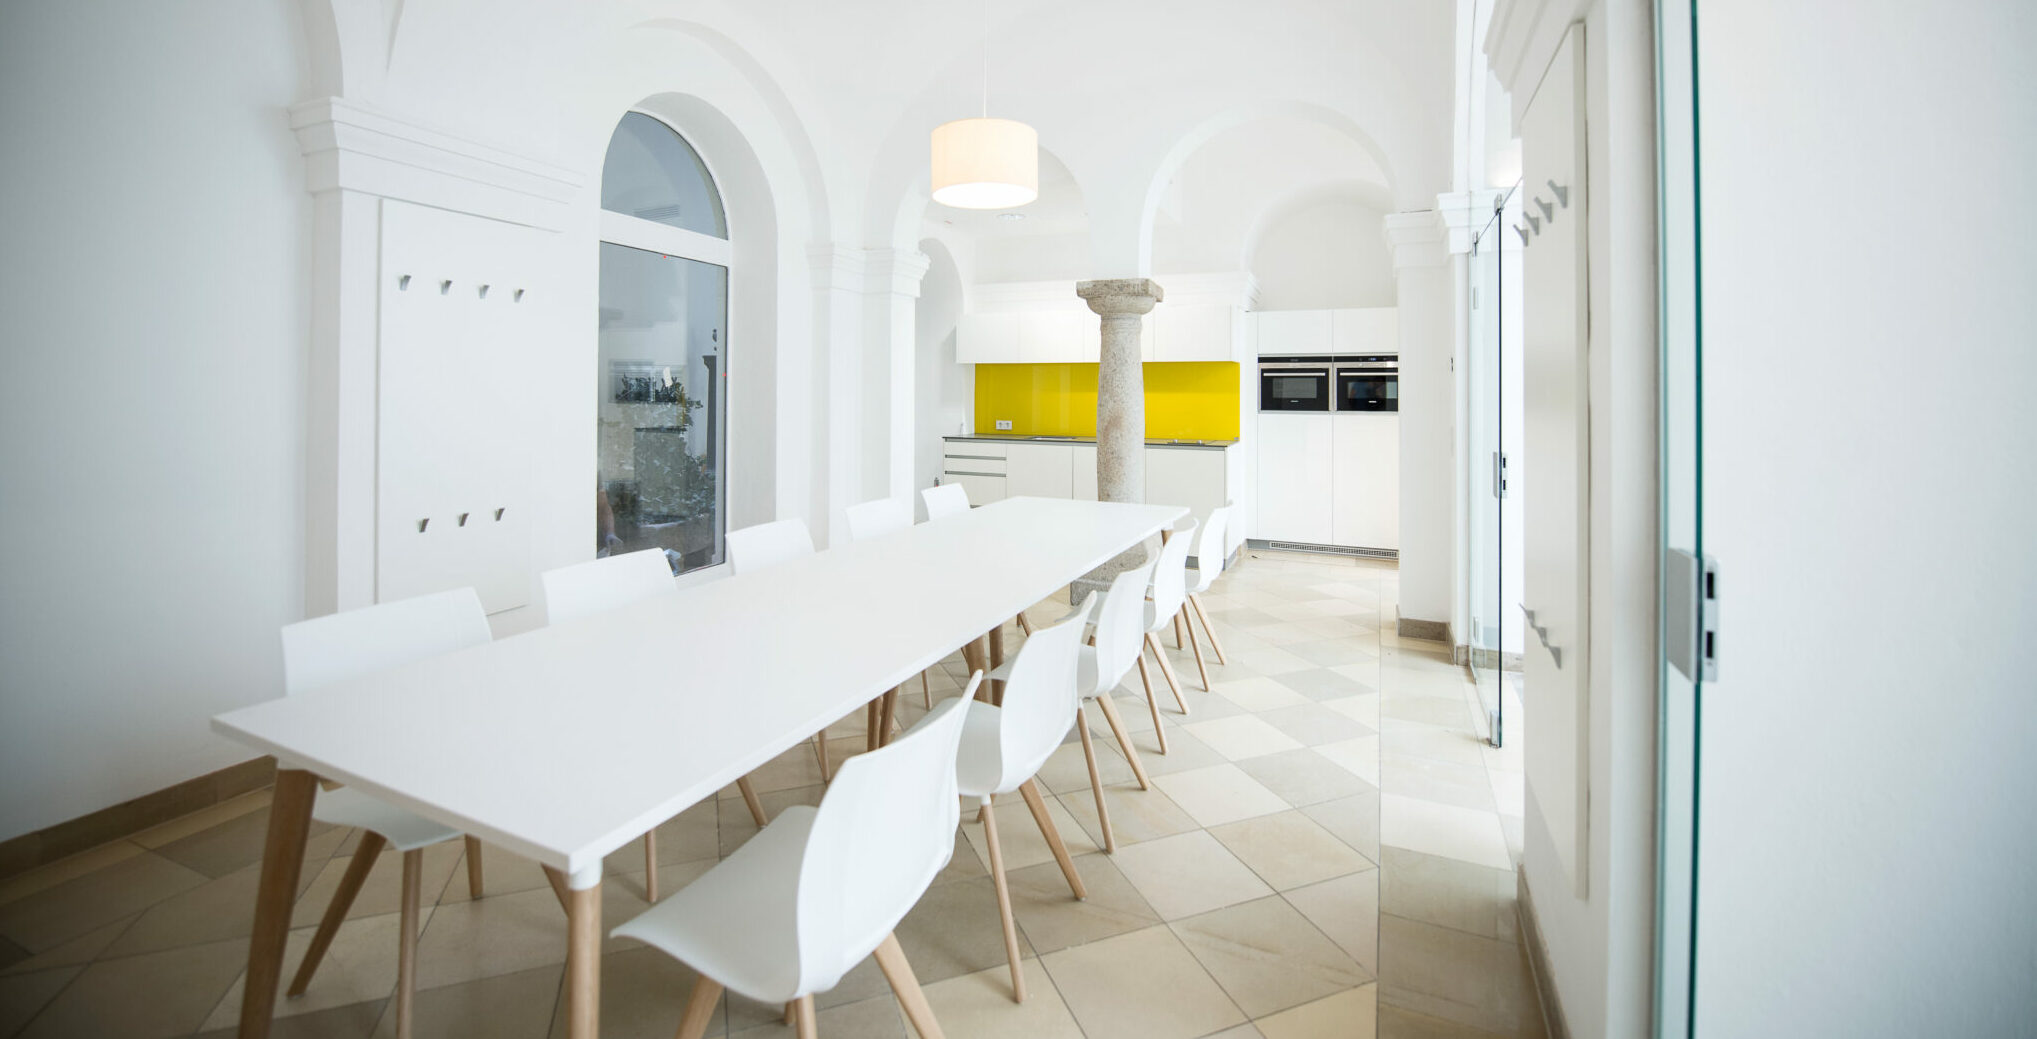 Kusch+Co kantoormeubelen Den Haag grote tafel - stoelen Heering Office